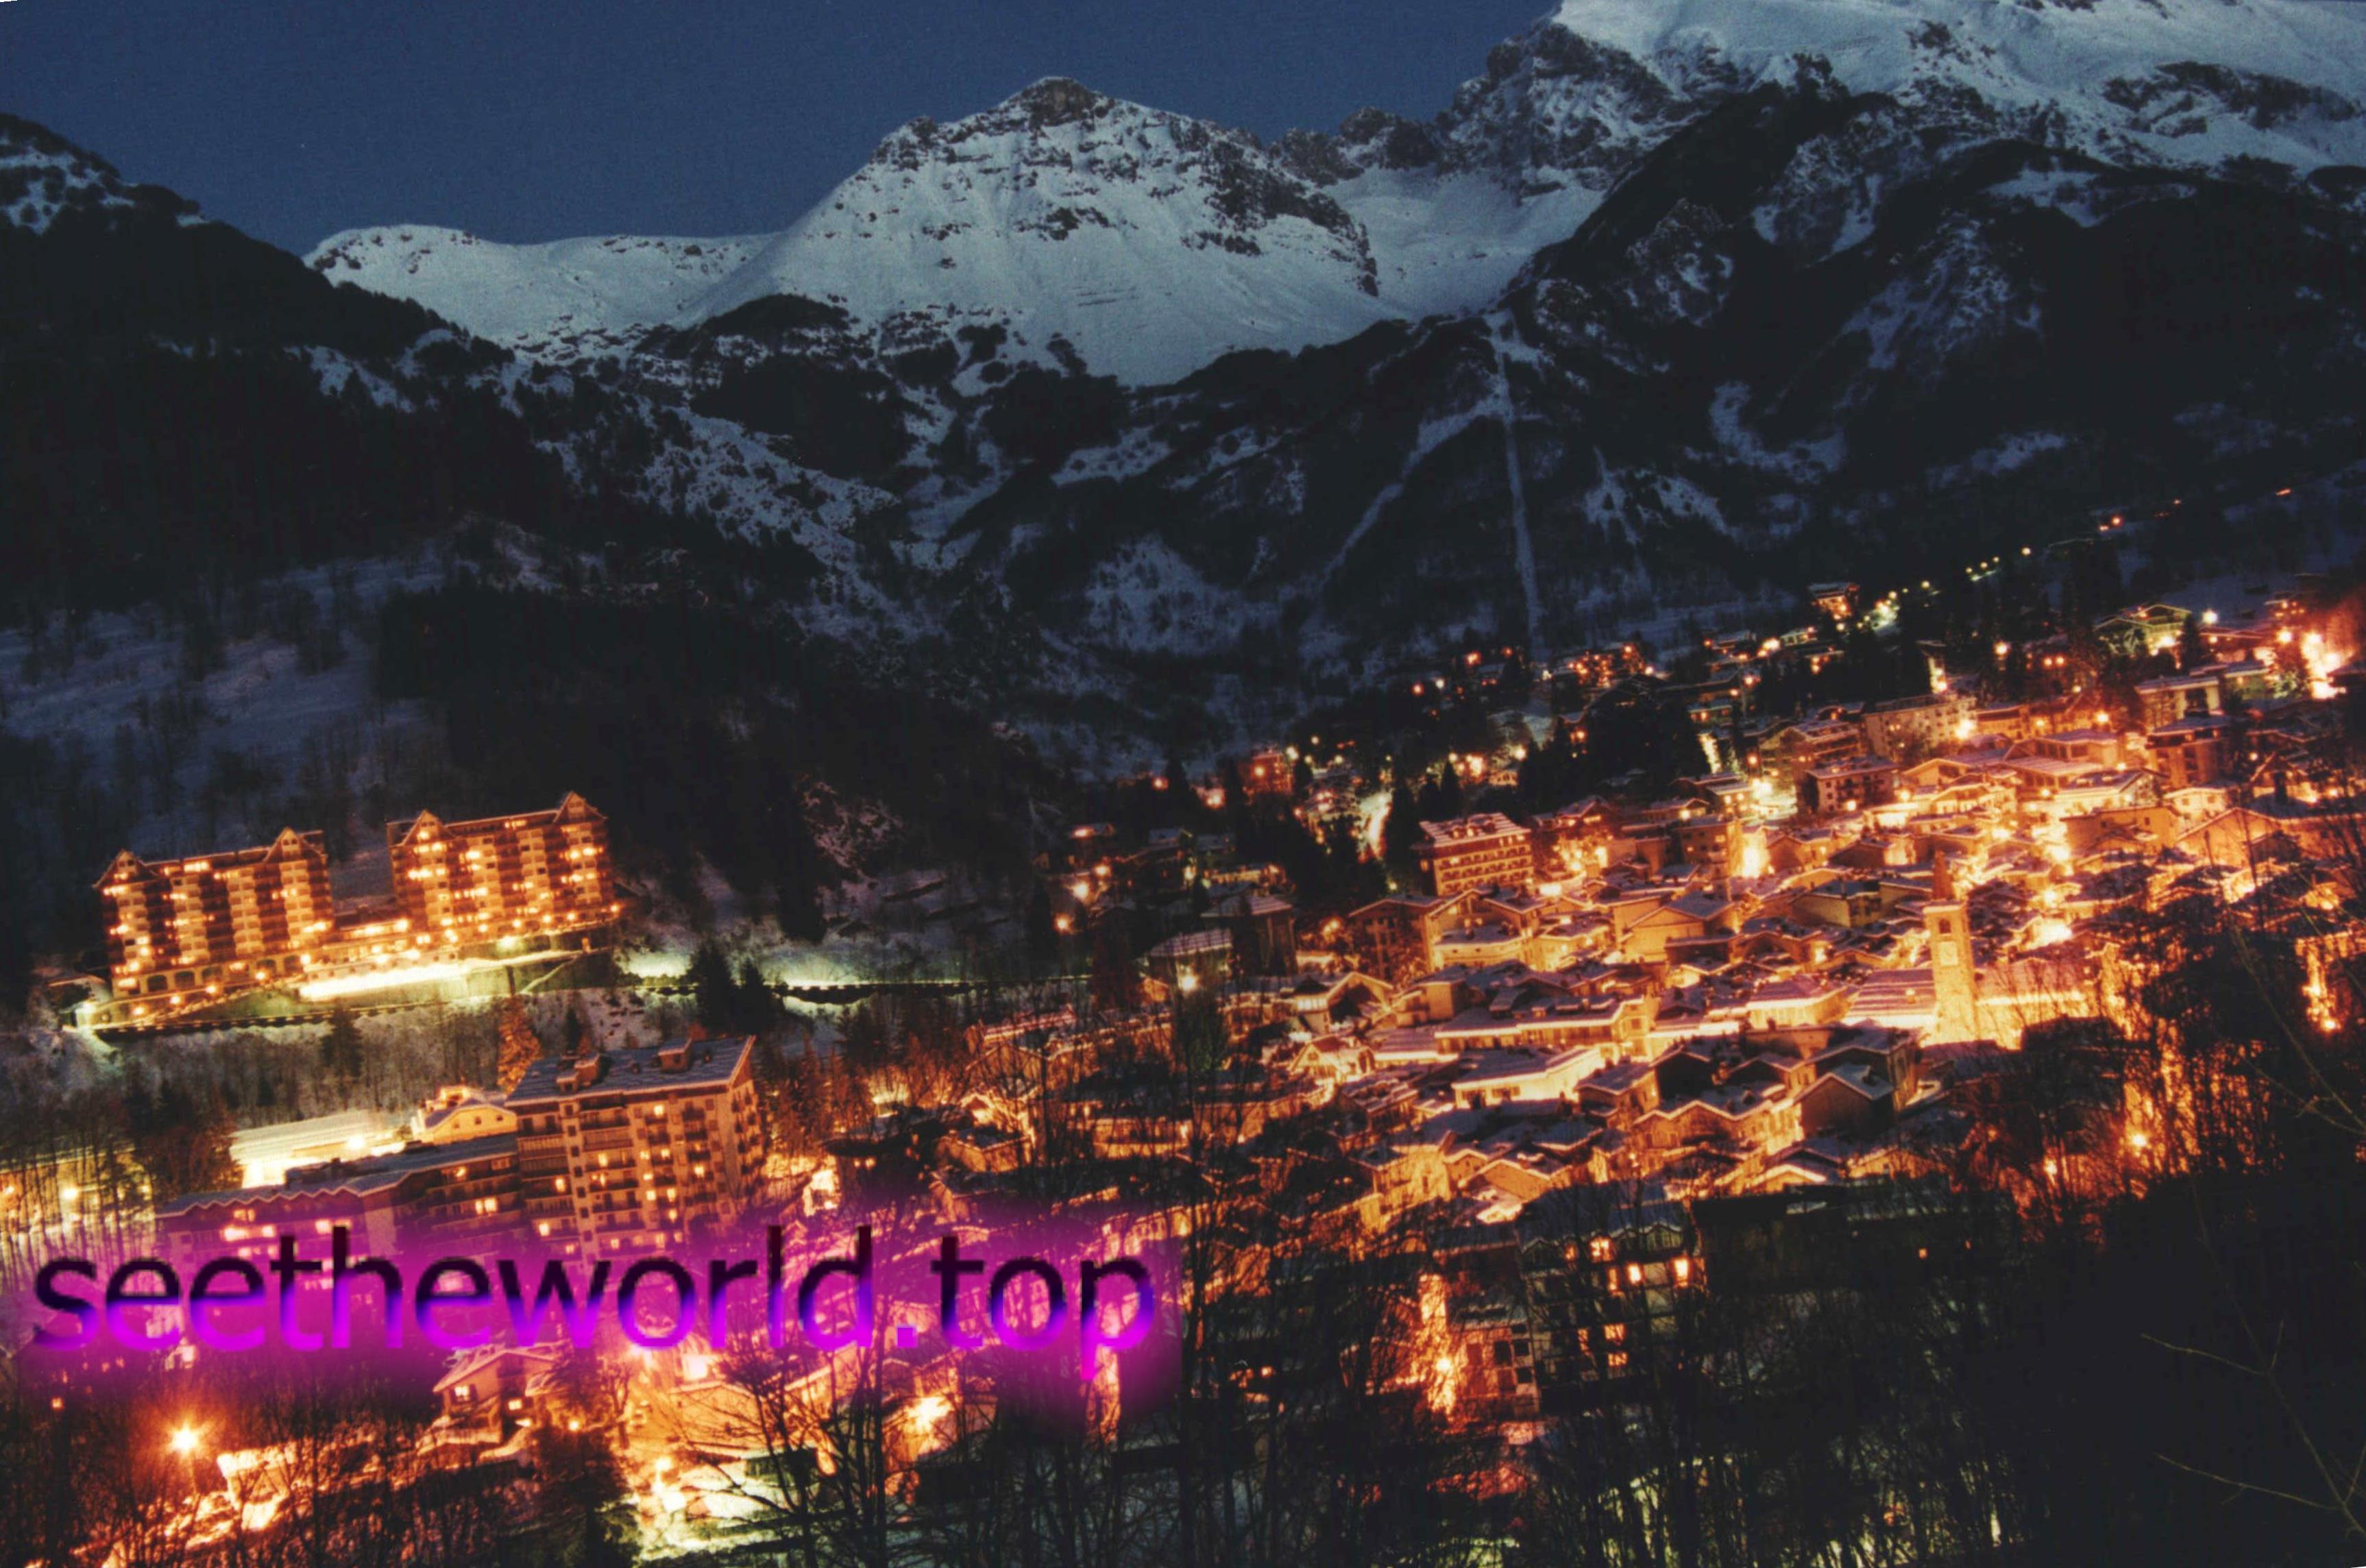 Гірськолижний курорт Різерва-Бьянка - Лимоне-П'ємонте (Riserva Bianca - Limone-Piemonte), Італія